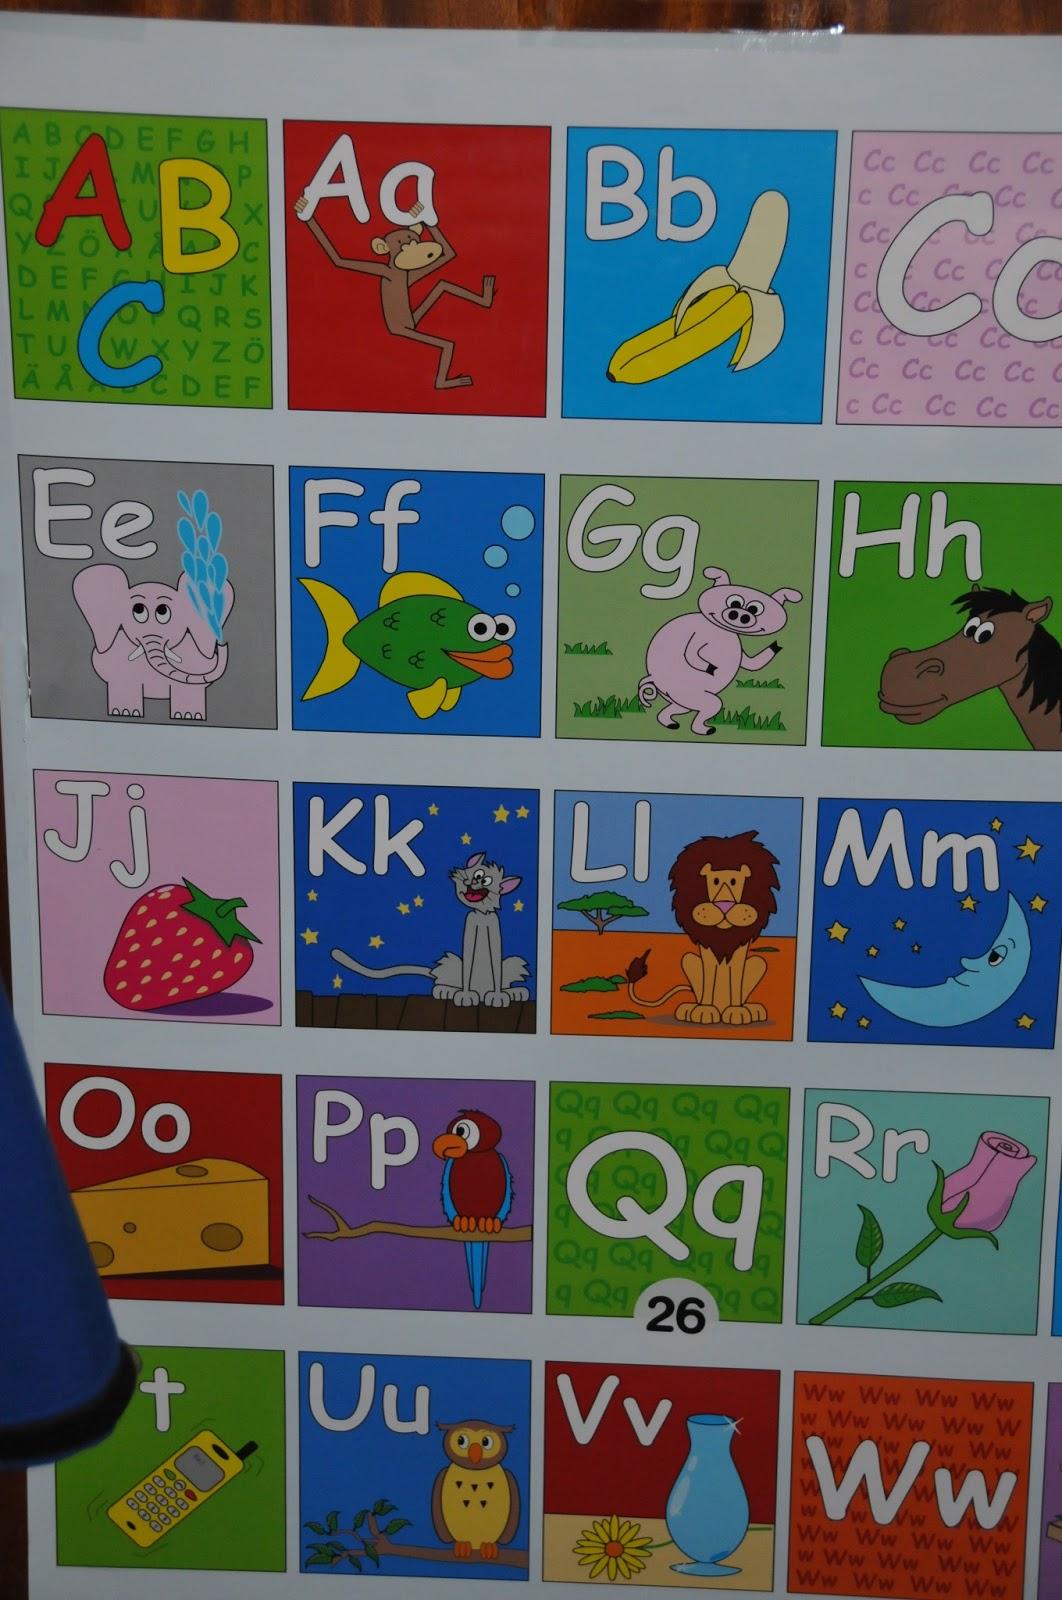 alfabetet store bokstaver